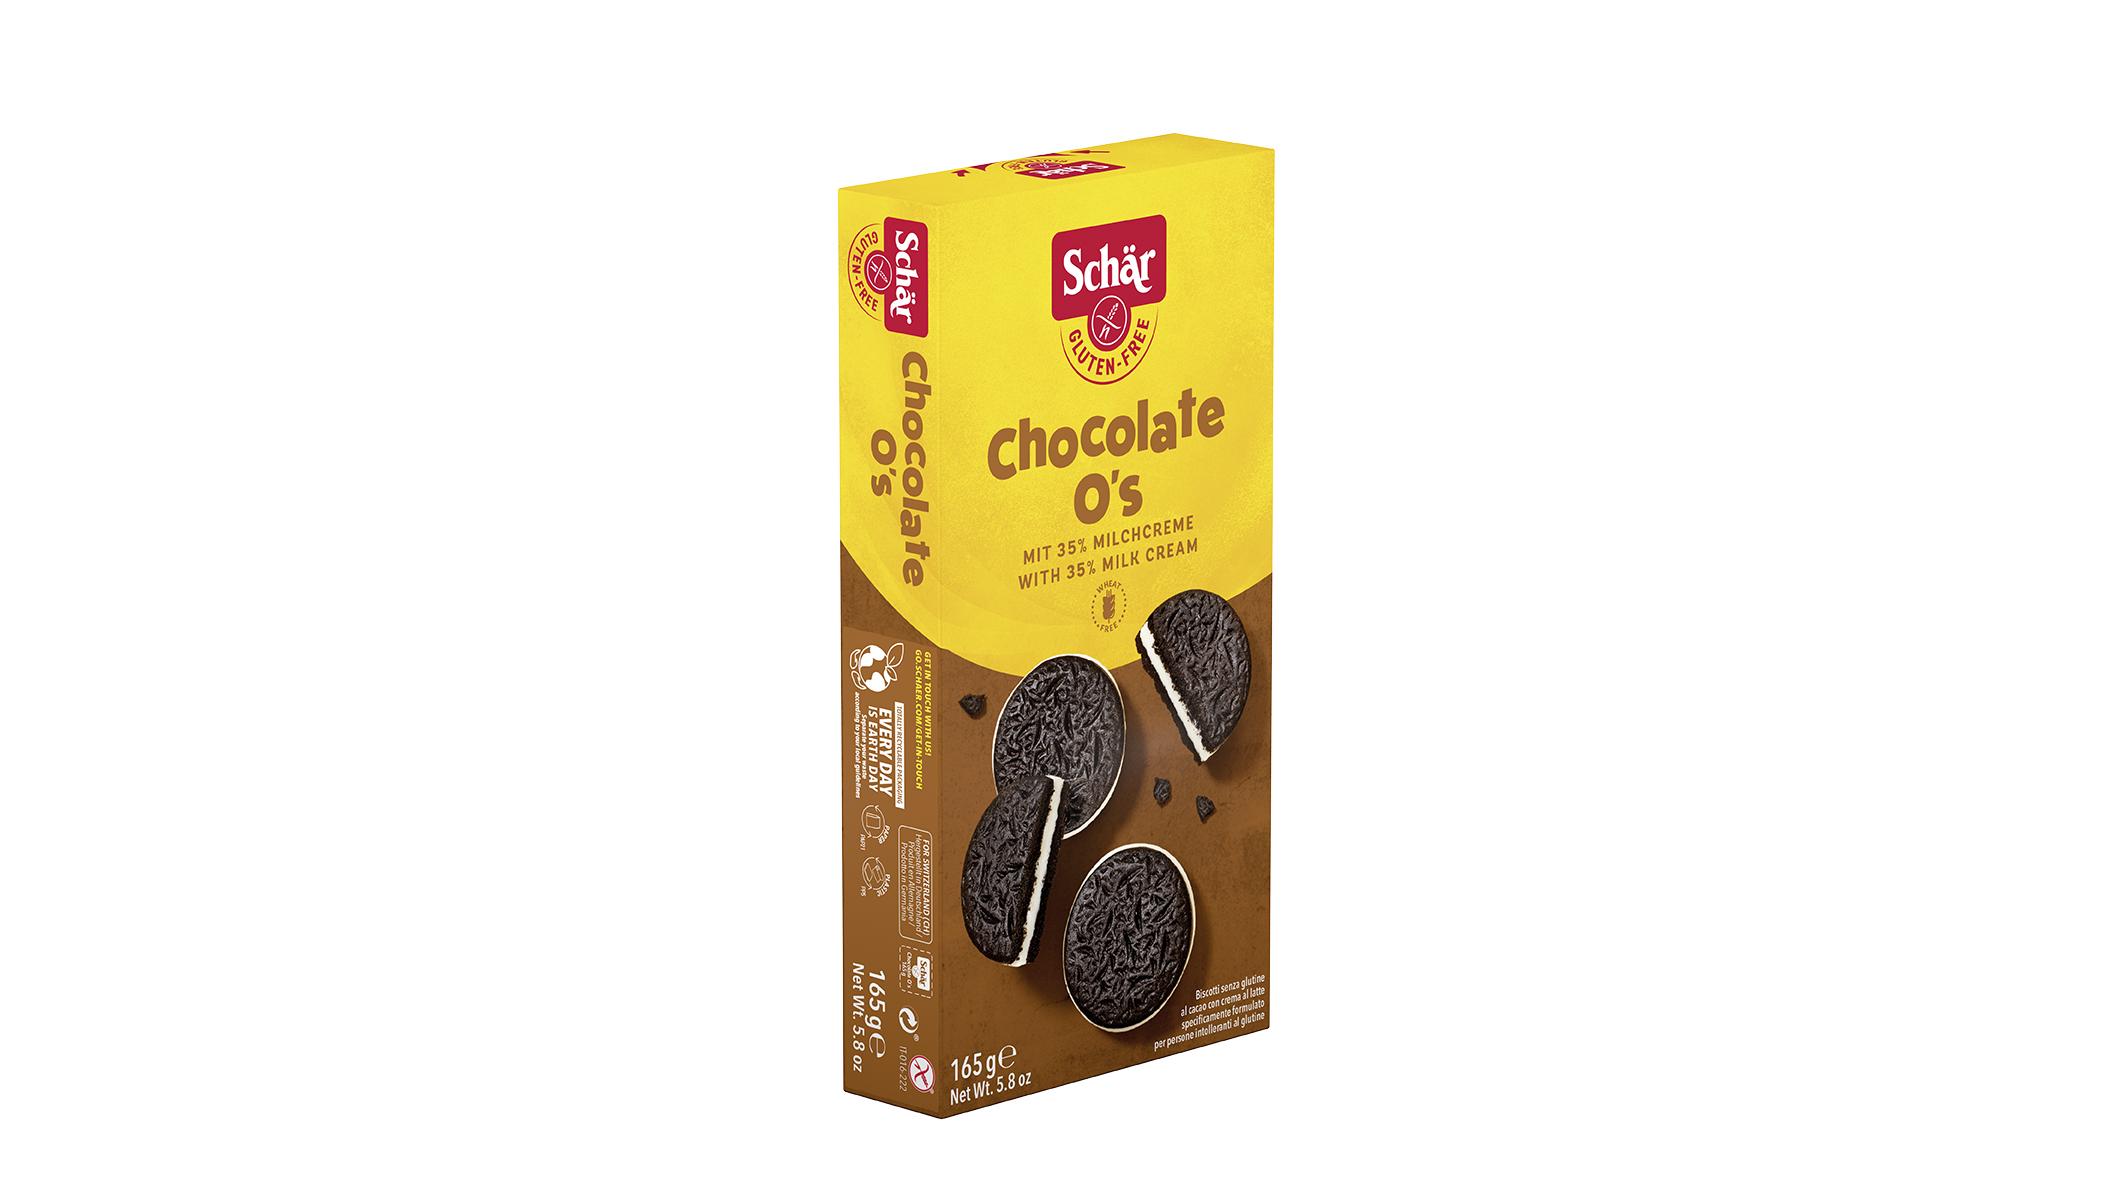 Čokoladni keksi - Chocolate O's